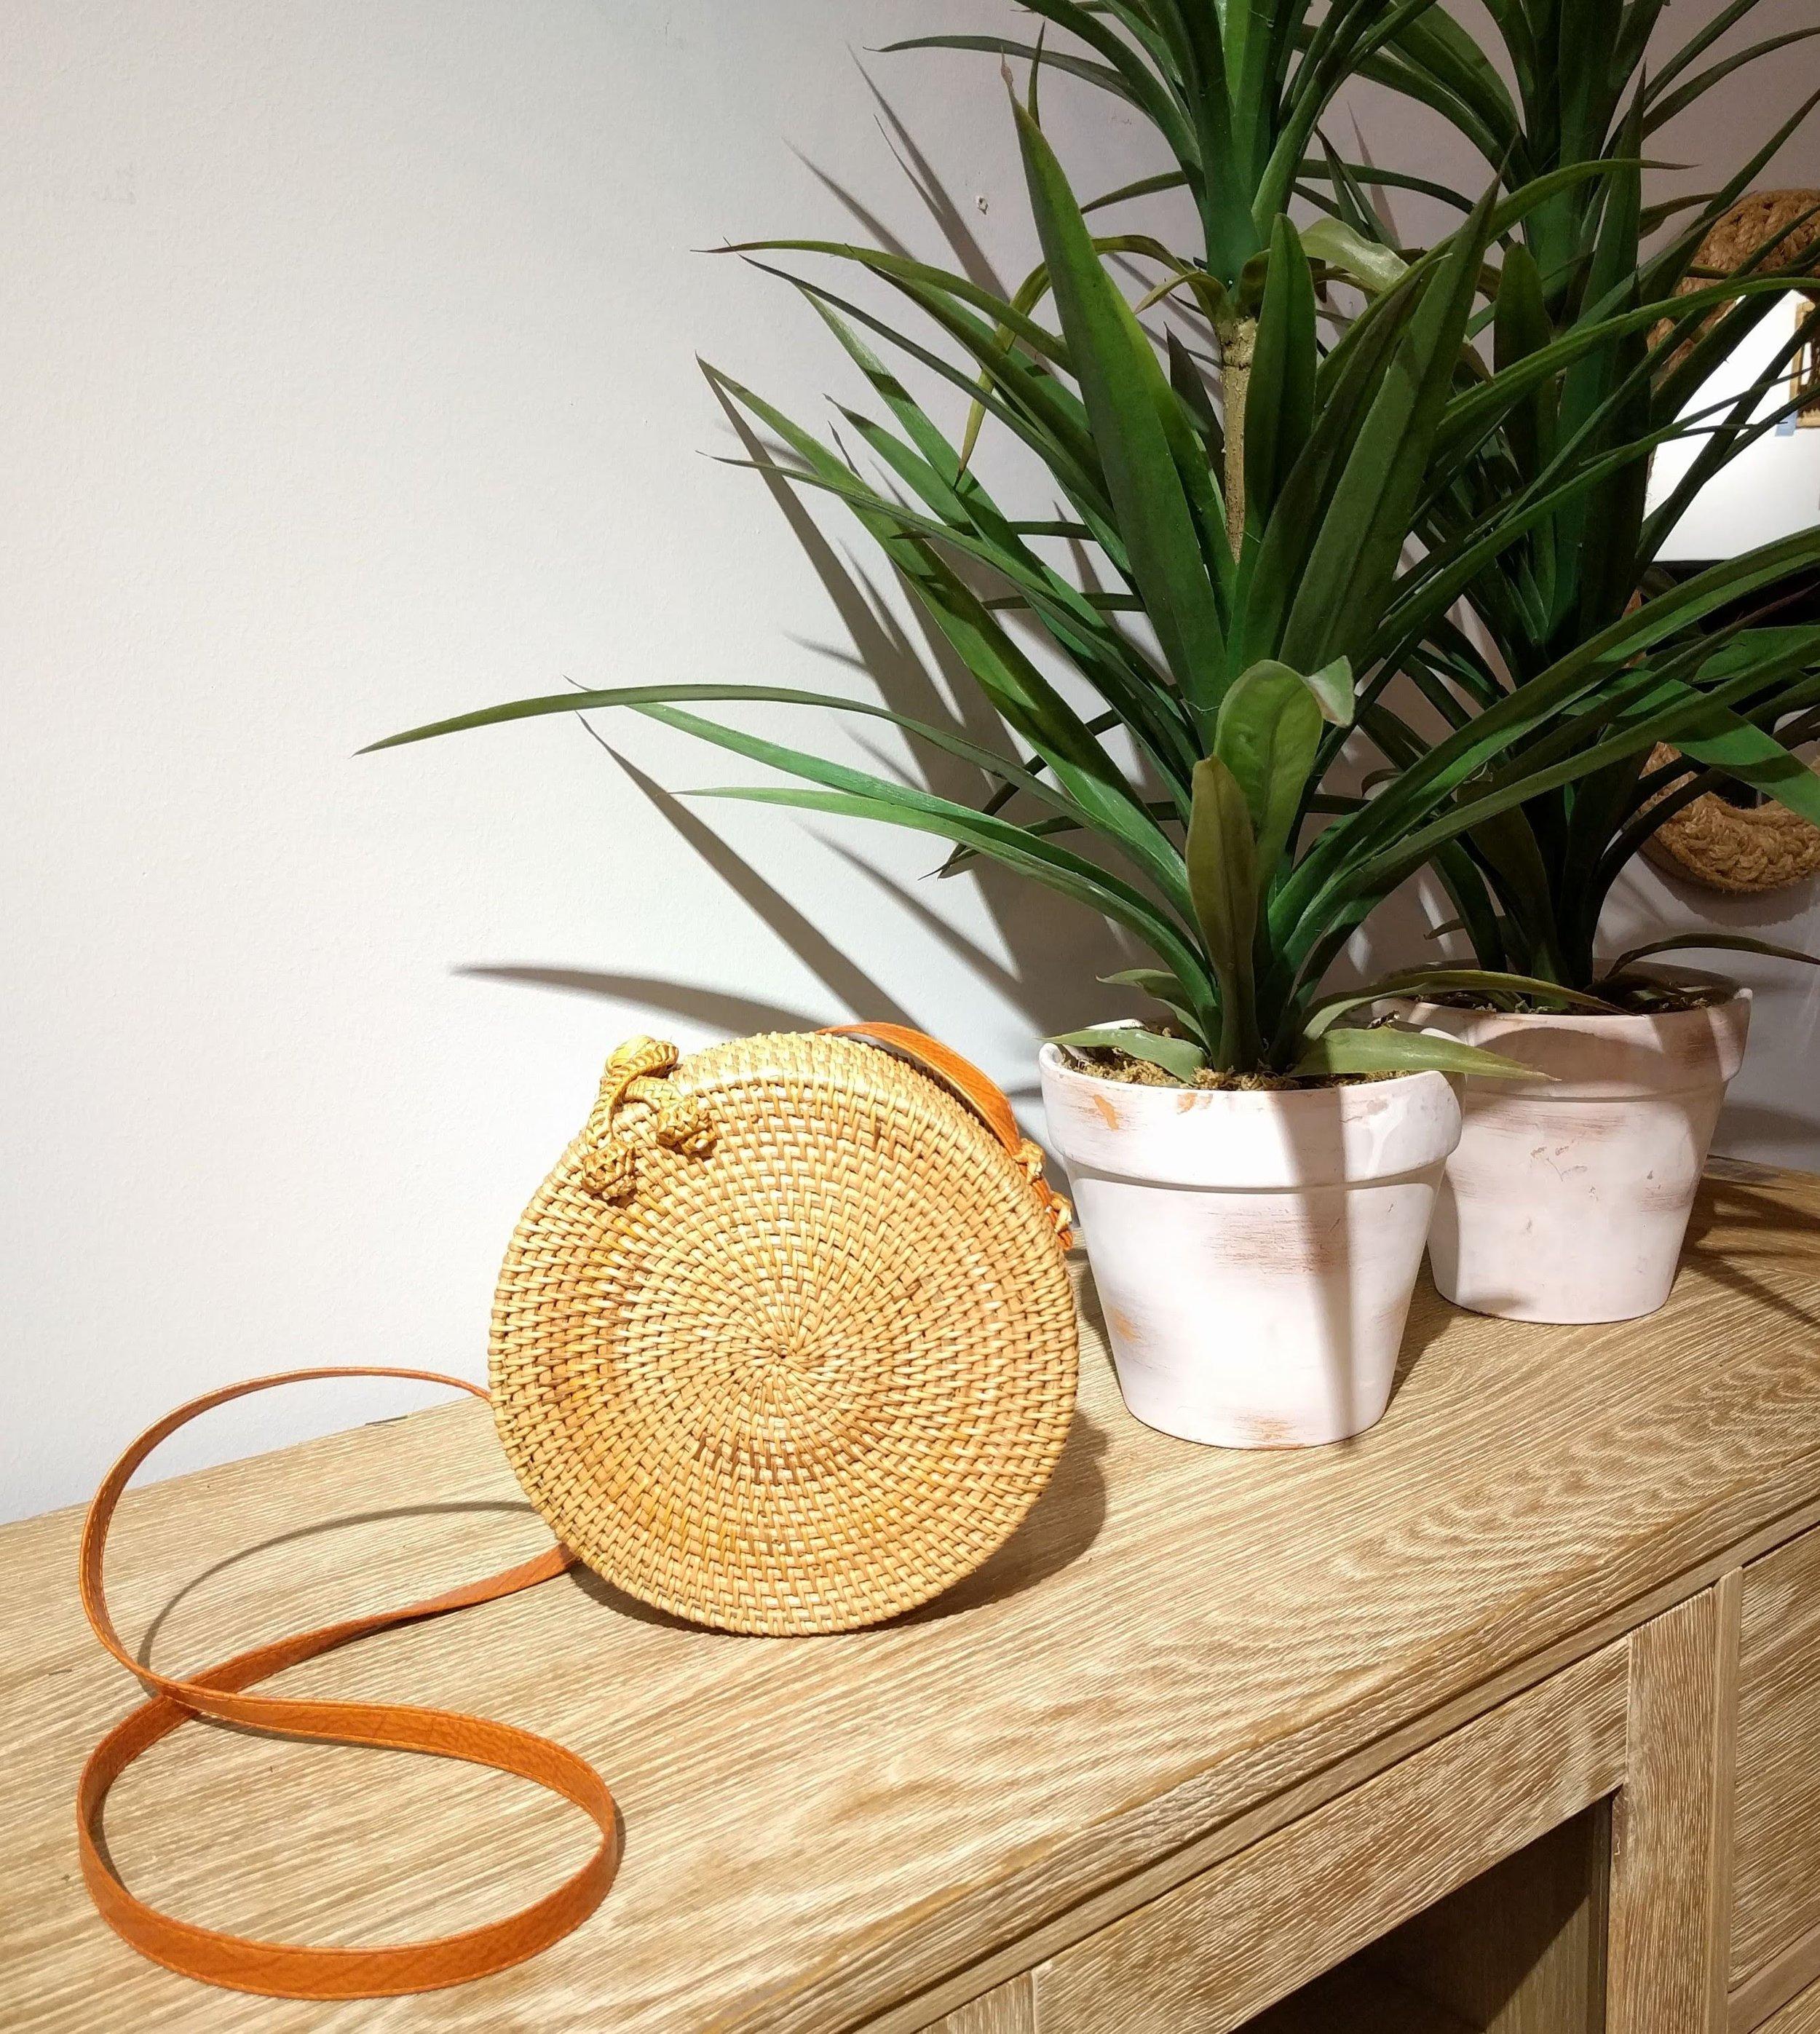 Bolso de ratán - Modelo redondoSu tamaño, su forma y su silueta redonda lo hacen el complemento ideal.